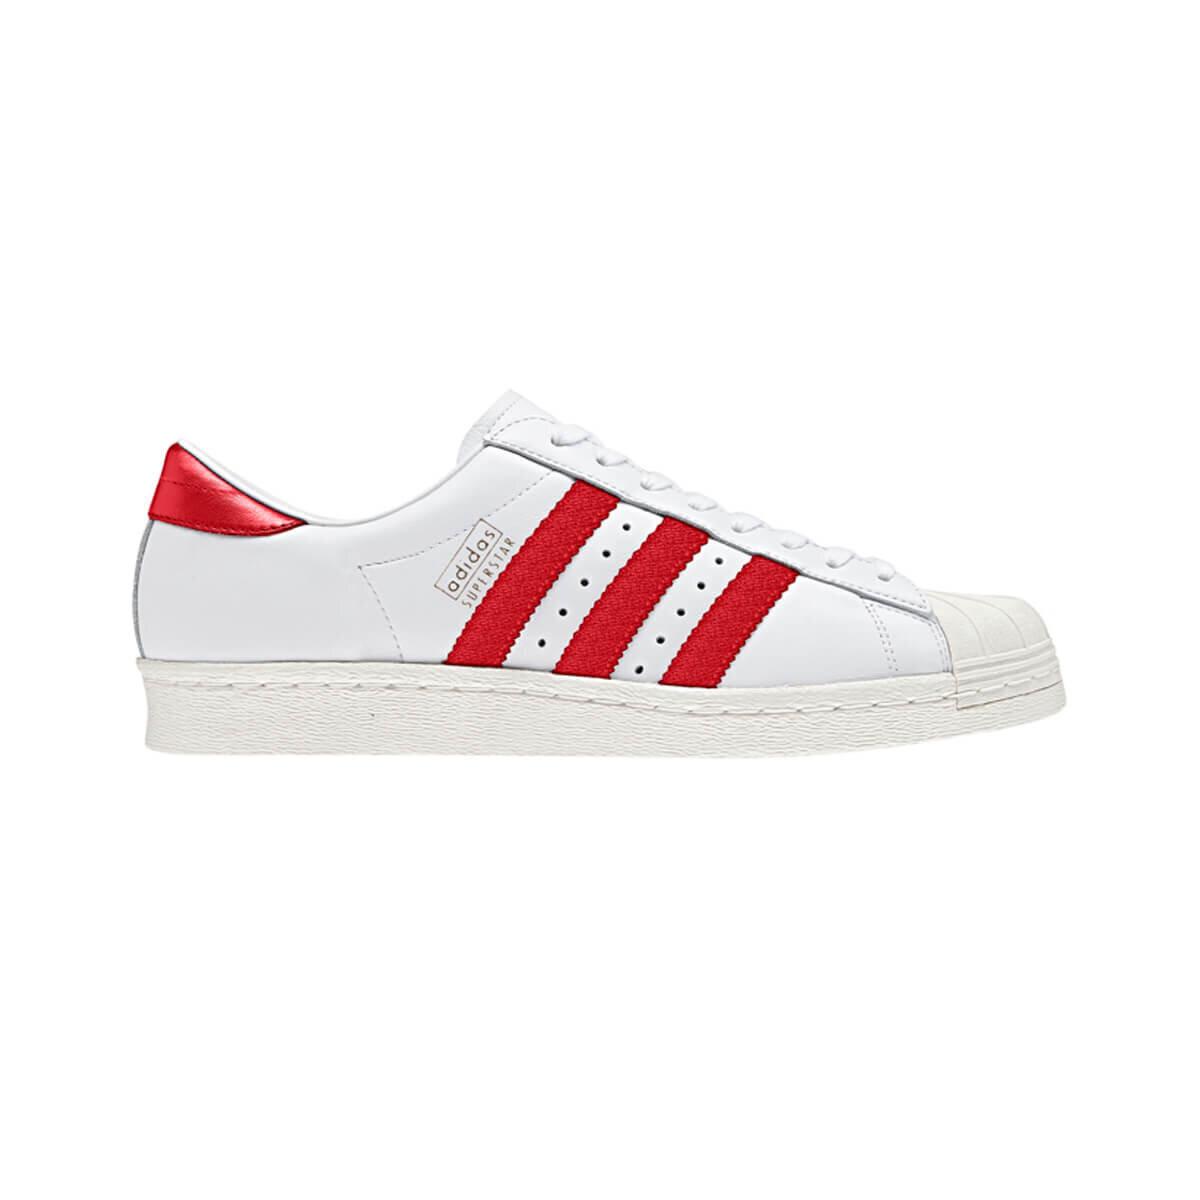 Beyaz Kadın Sneaker Ayakkabı SUPERSTAR OG